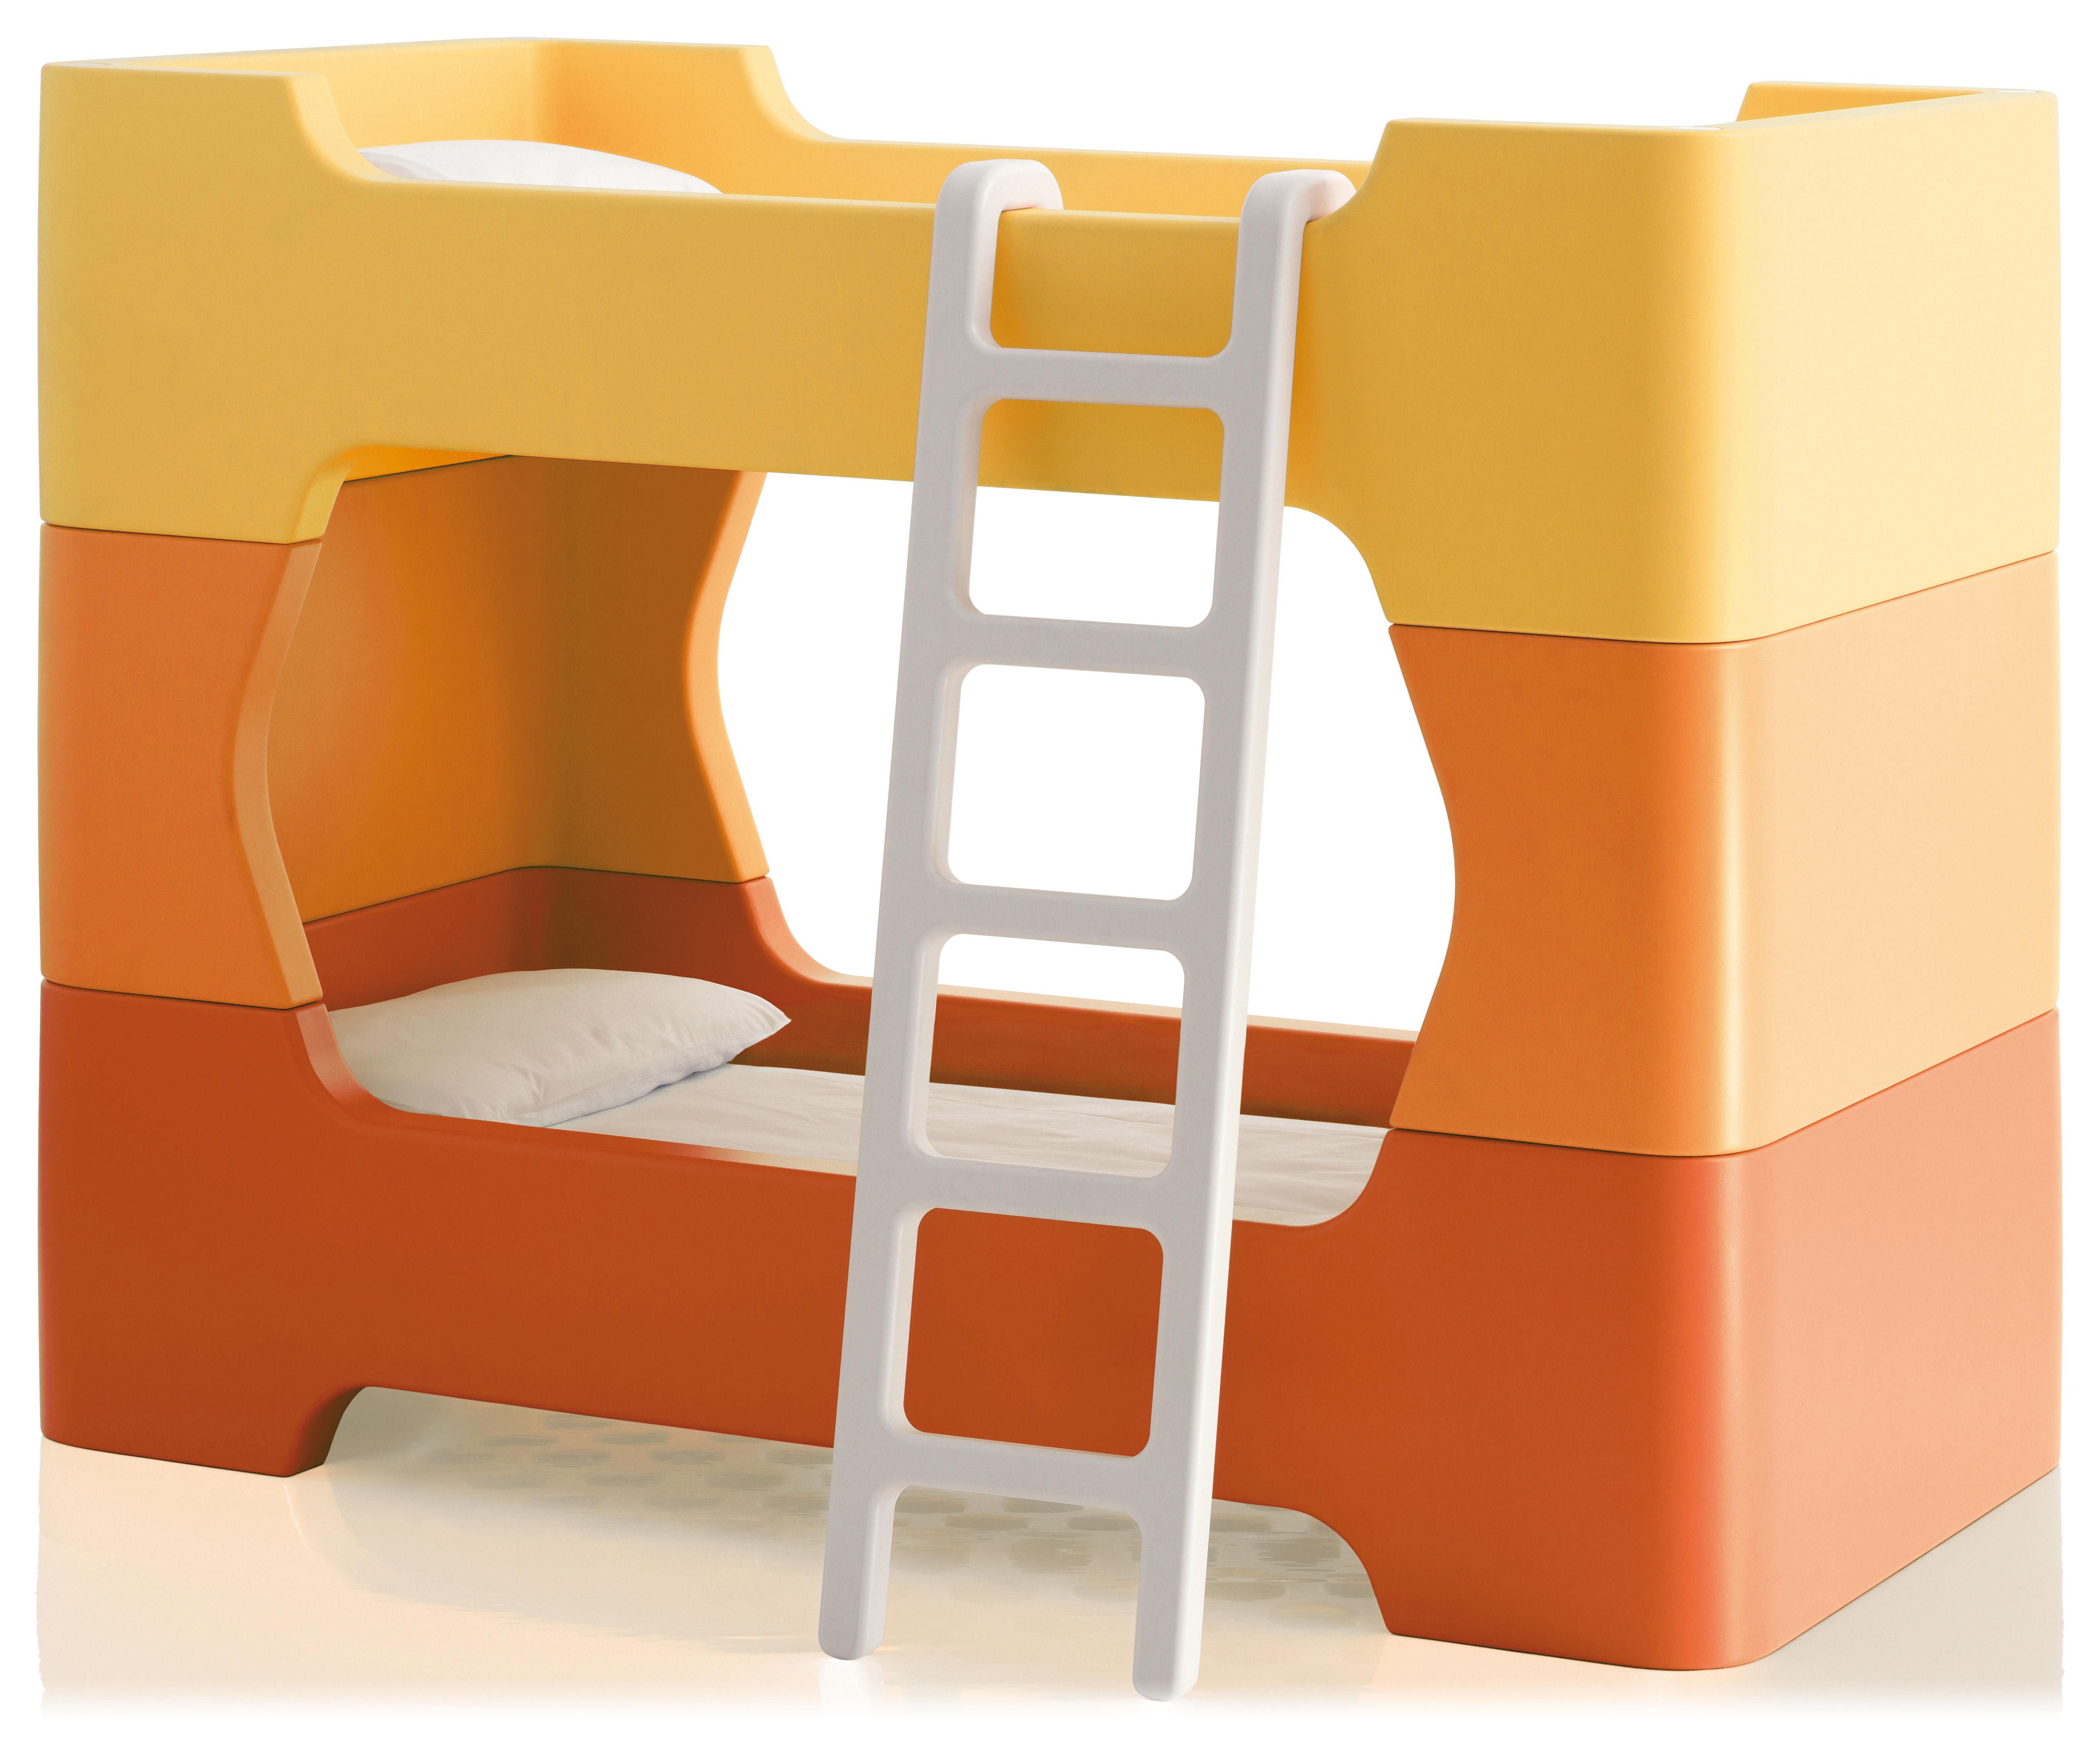 Arredamento - Letti - Letto a castello Bunky - /Con scala - Senza materasso di Magis Collection Me Too - Arancione - Polietilene